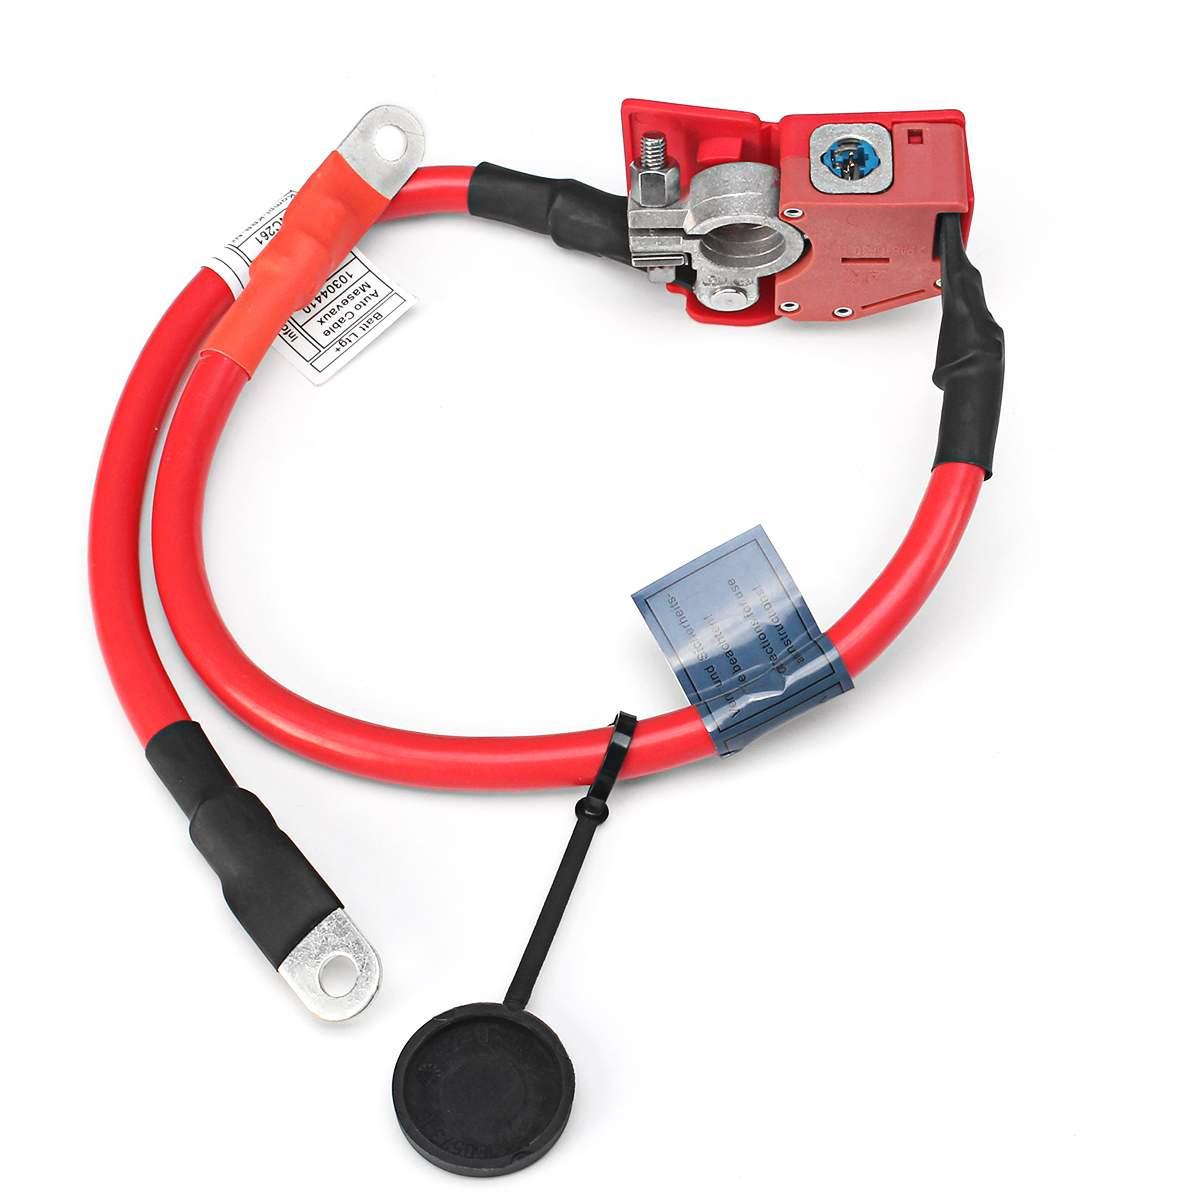 Nouvelle Batterie Surcharge Protecteur De Câble Terminal 61129259425 61126834543 Pour BMW F30 F36 F32 335I 320I 430IX 535 M3 M4 11-16